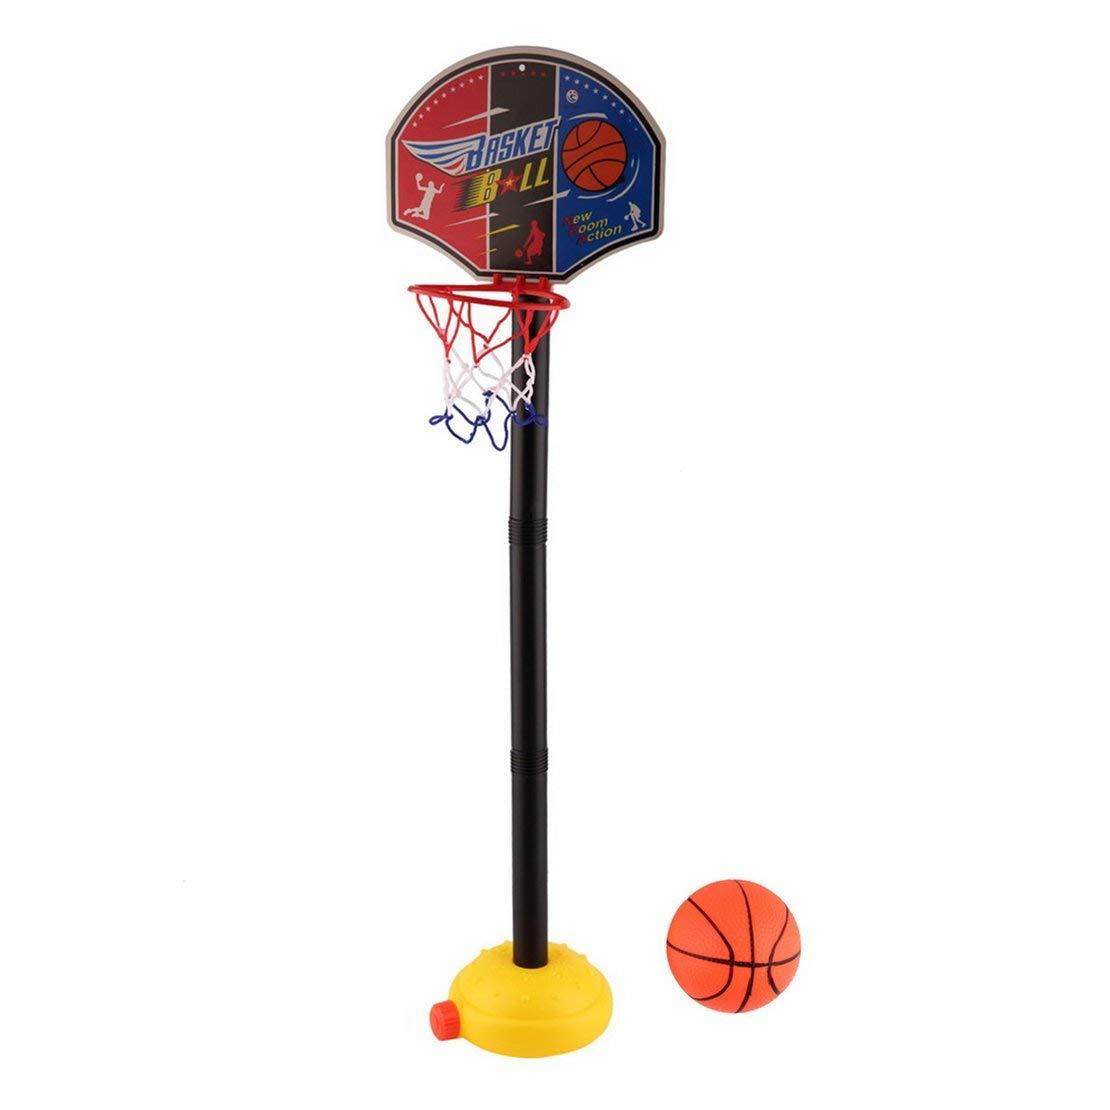 Pumpen-Kleinkind-Baby-sicherem aufblasbarem Basketball Leichtgewichtler Kindersport tragbares Basketball-Spielzeug-Satz mit Stand-Ball-u